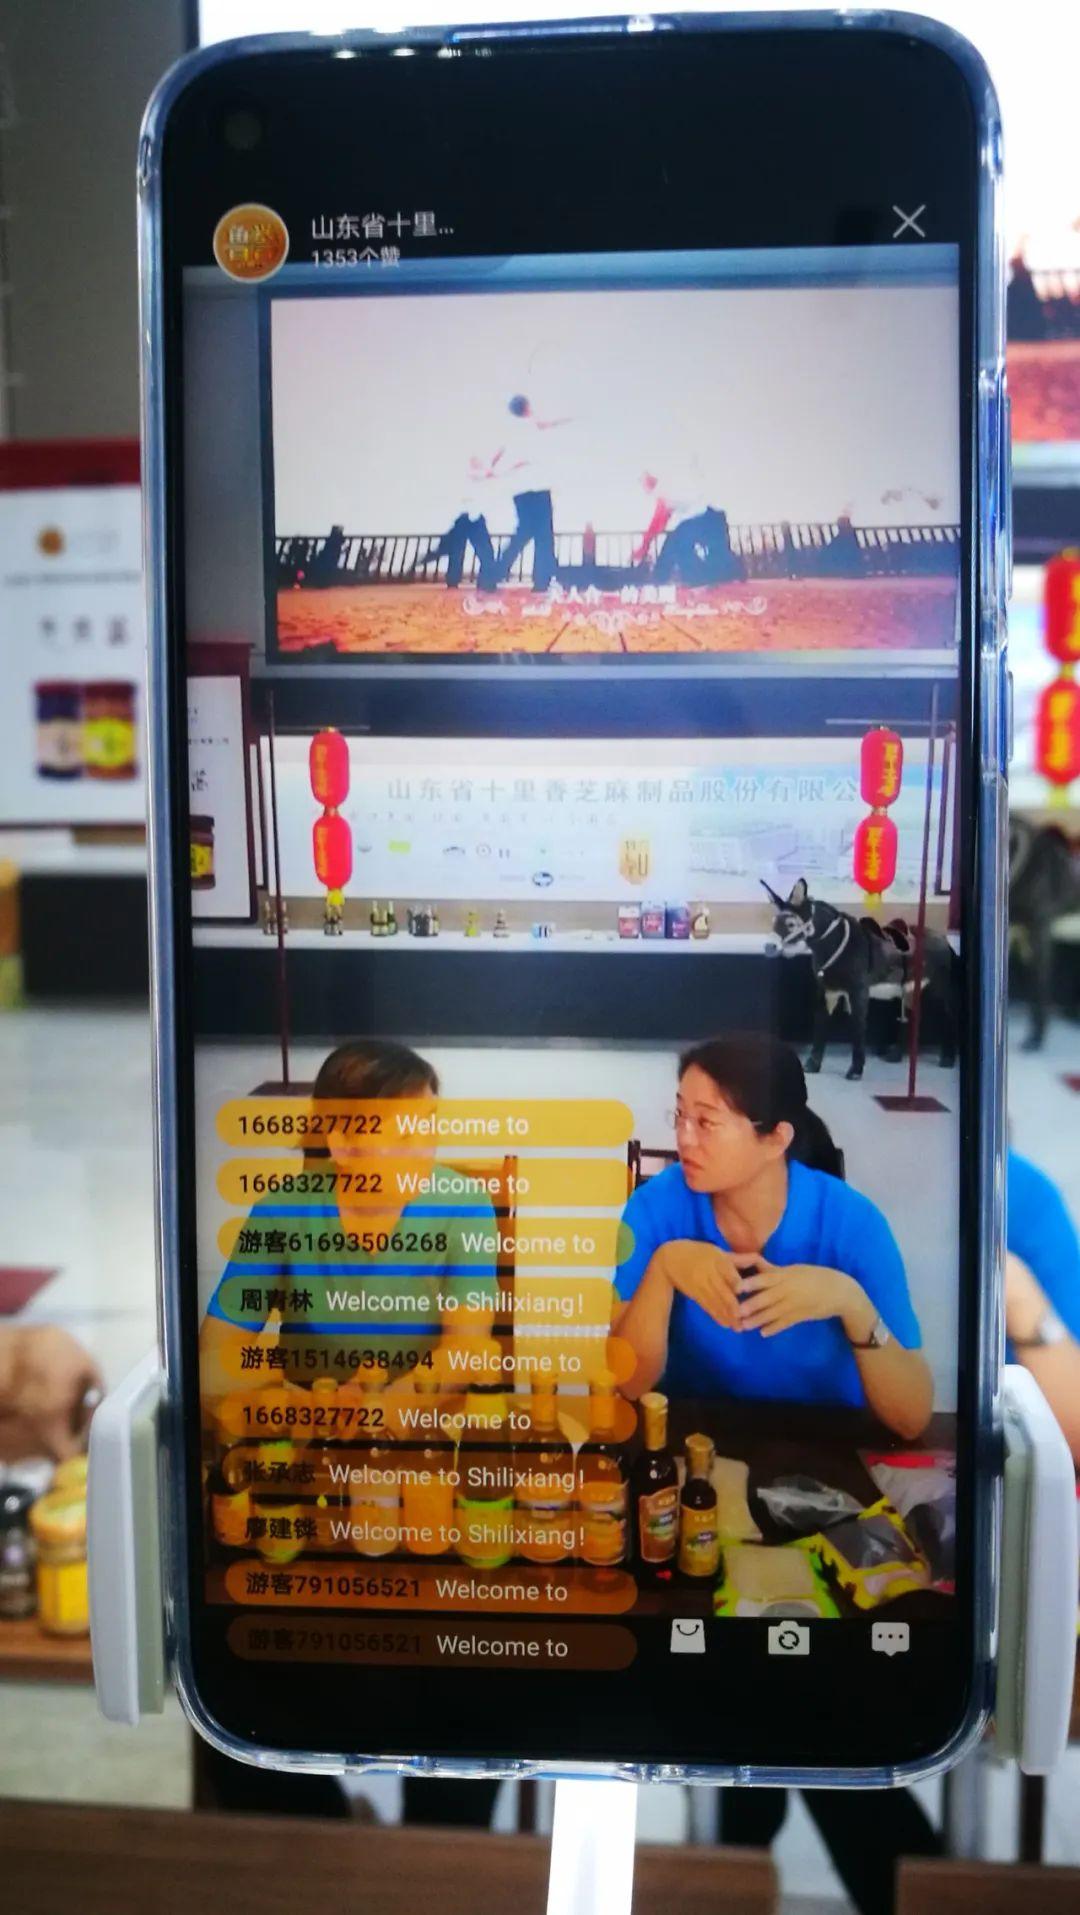 小芝麻大能量 广交会上 十里香公司引来千万订单